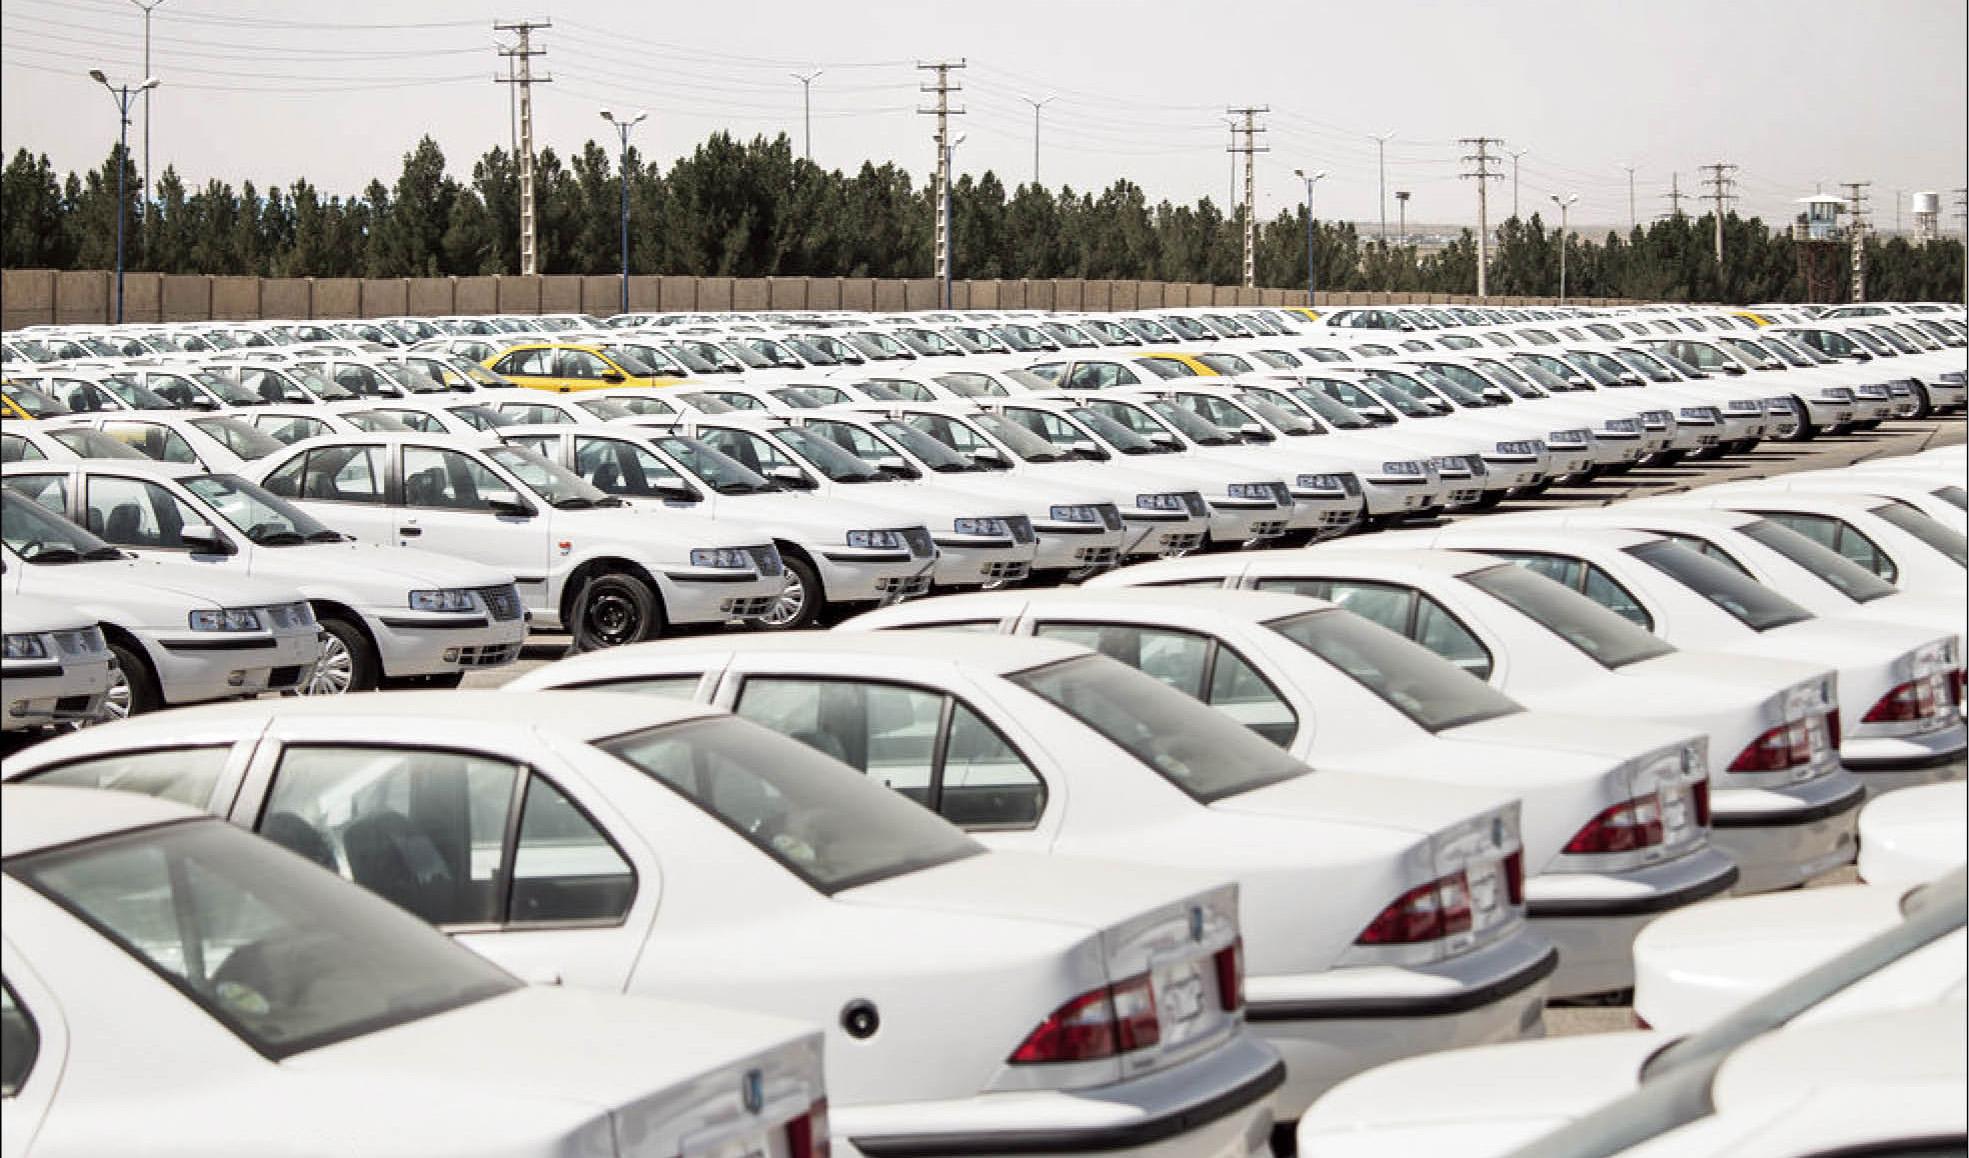 موضوع دپوی خودرو در انبار خودروسازان صحت ندارد